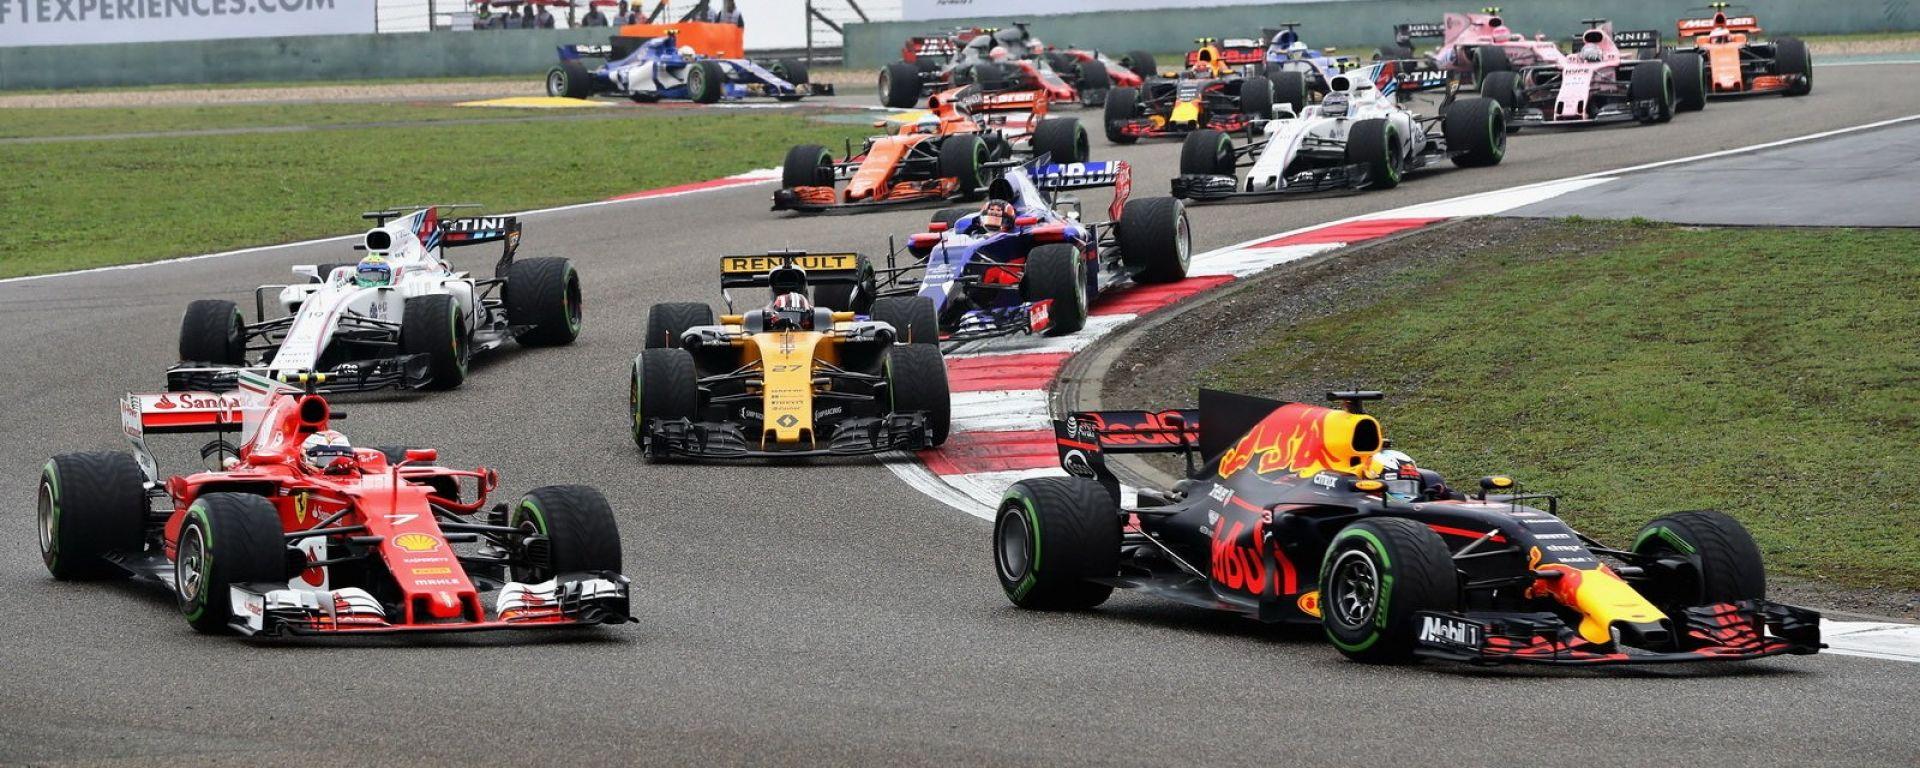 F1 GP Cina 2018